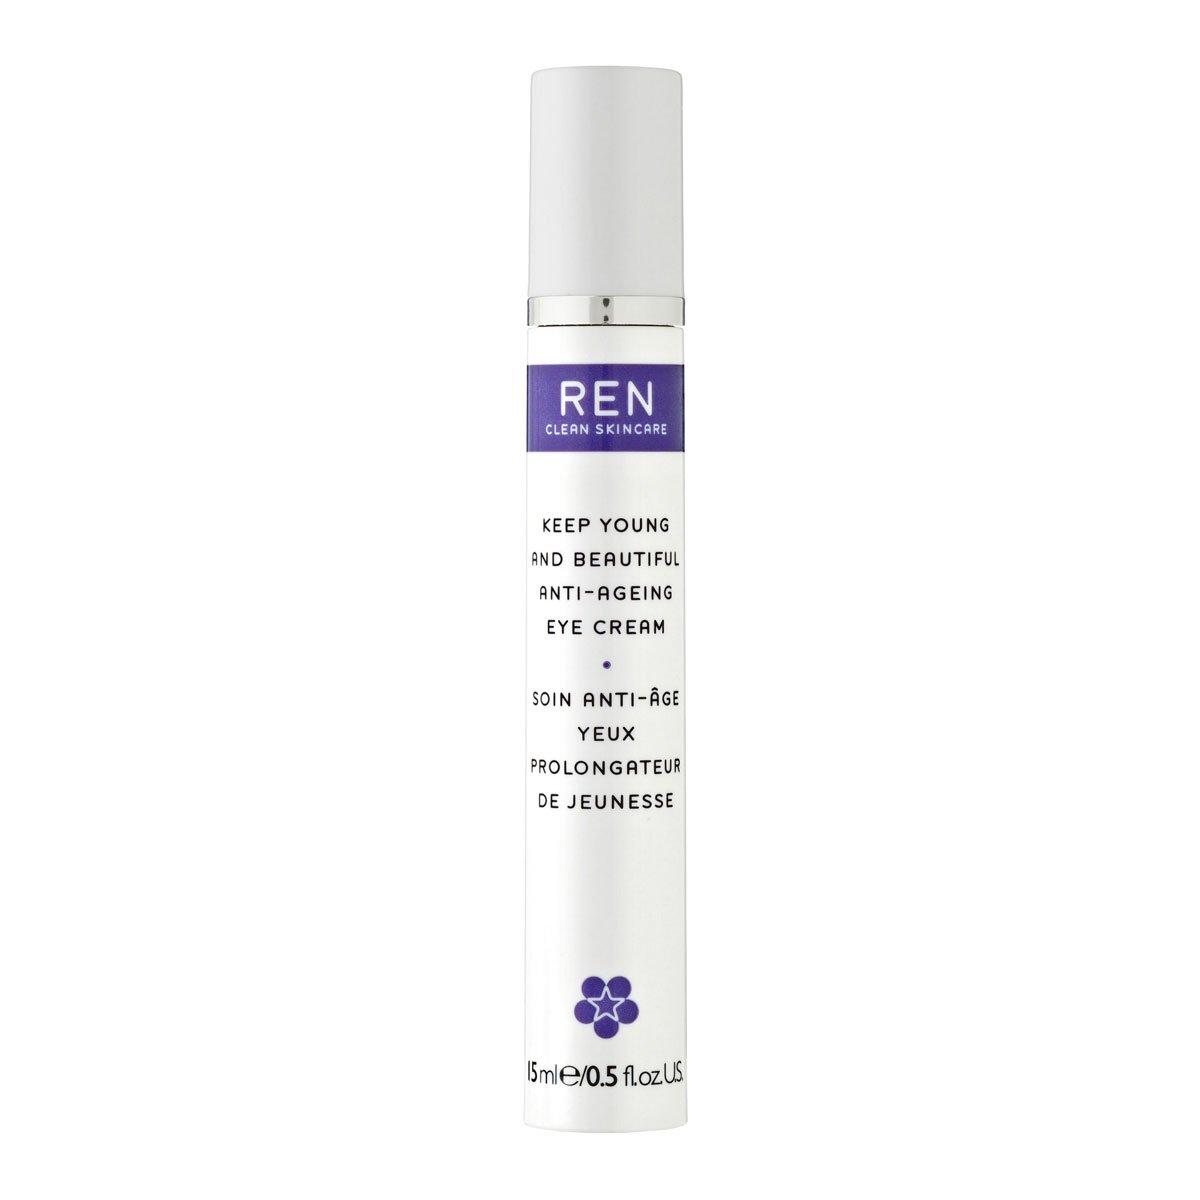 ren anti aging cream